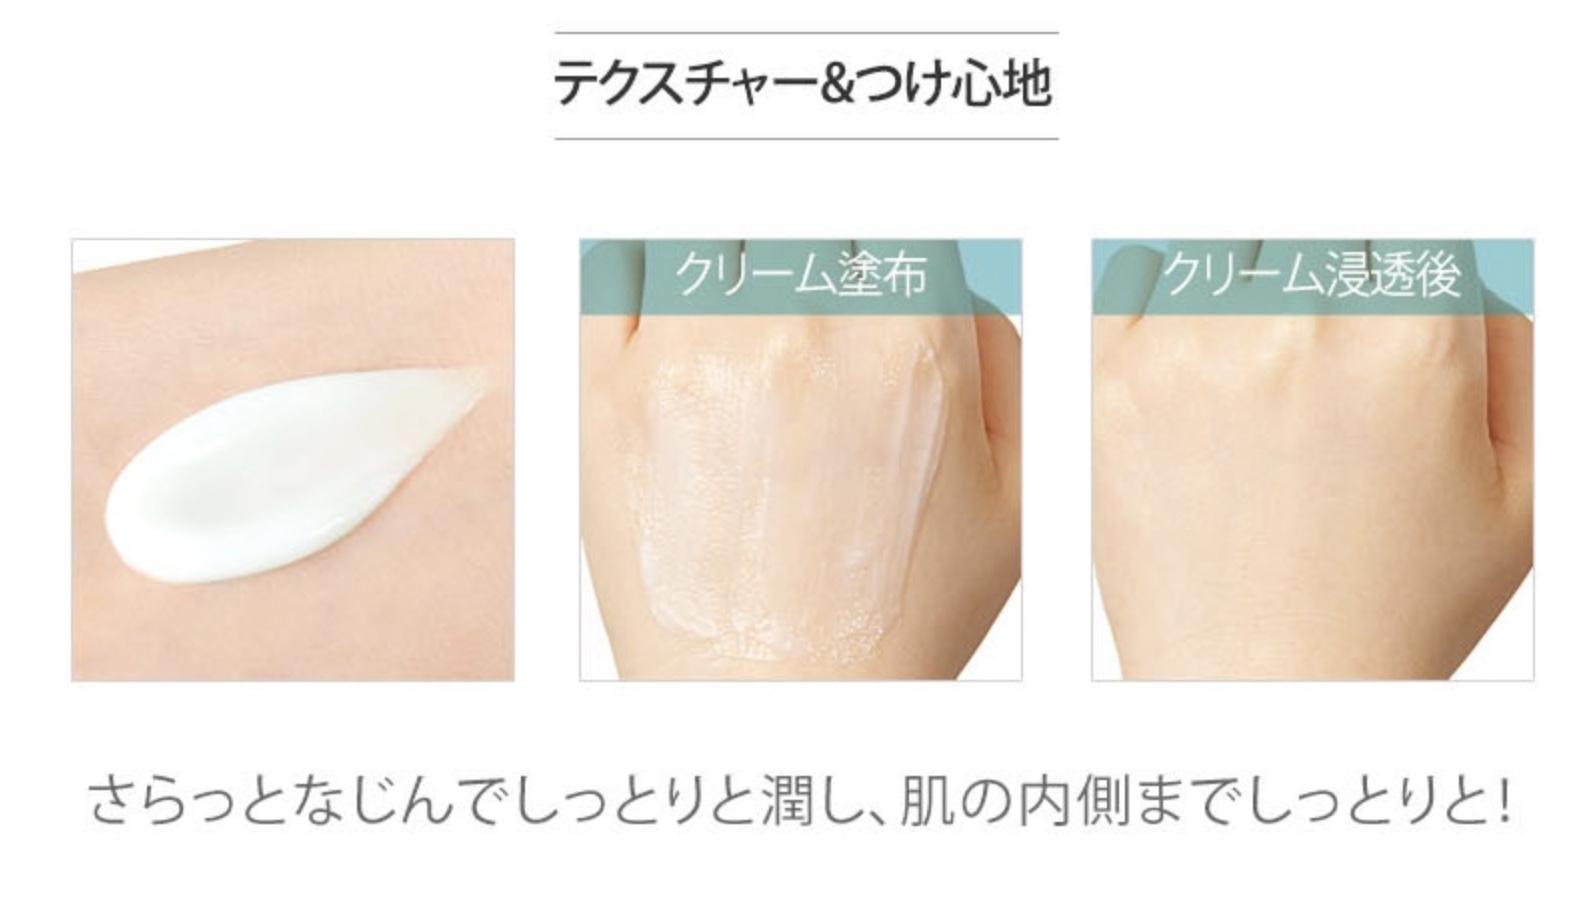 韓国 水分クリーム スキンケア おすすめ ネイチャーリパブリック スーパーアクアマックス 脂性肌